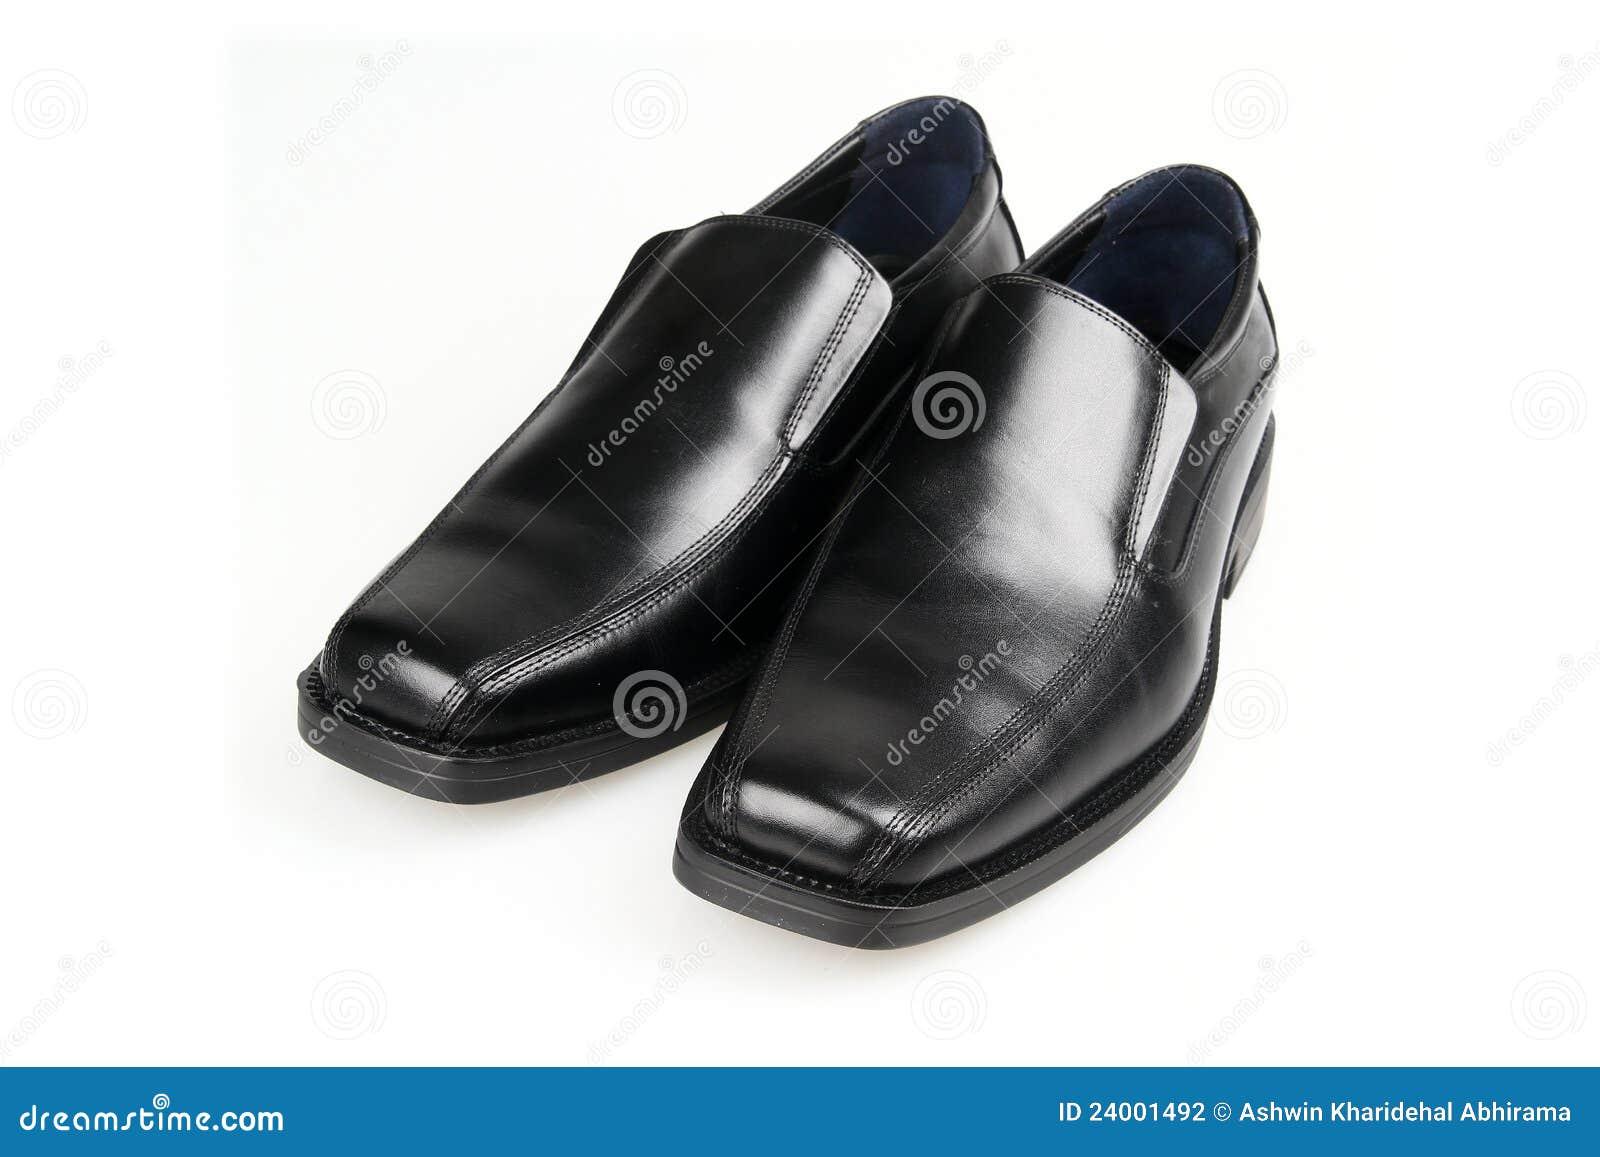 Black man s shoes